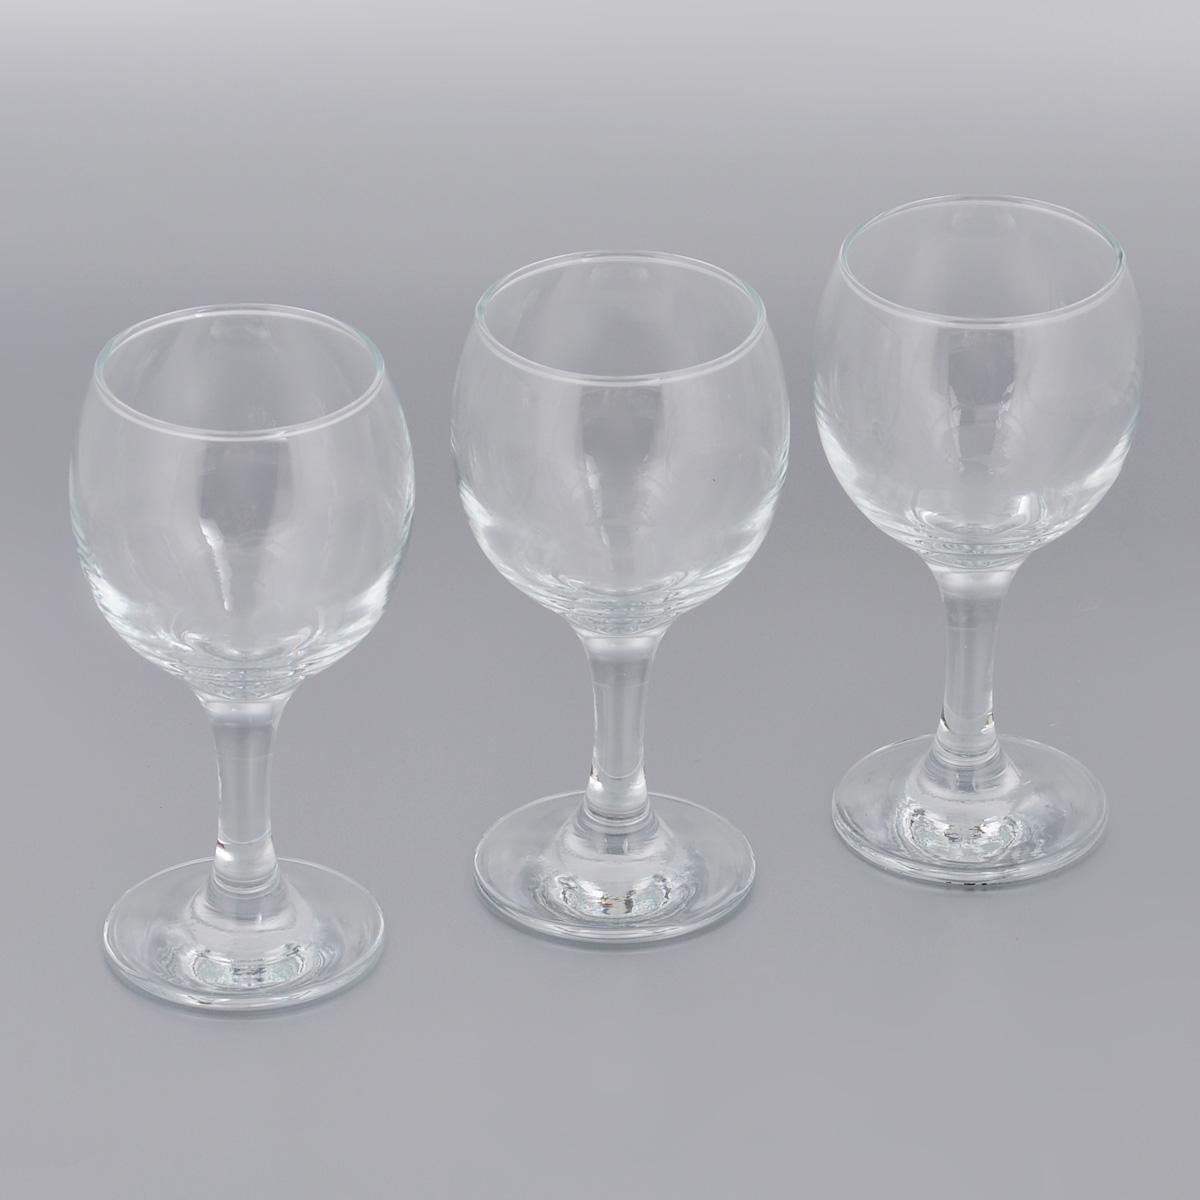 Набор бокалов для вина Pasabahce Bistro, 225 мл, 3 штVT-1520(SR)Набор Pasabahce Bistro состоит из трех бокалов, выполненных из прочного натрий-кальций-силикатного стекла. Изделия оснащены высокими ножками. Бокалы предназначены для подачи вина. Они сочетают в себе элегантный дизайн и функциональность. Благодаря такому набору пить напитки будет еще вкуснее.Набор бокалов Pasabahce Bistro прекрасно оформит праздничный стол и создаст приятную атмосферу за романтическим ужином. Такой набор также станет хорошим подарком к любому случаю. Можно мыть в посудомоечной машине и использовать в микроволновой печи.Диаметр бокала (по верхнему краю): 6 см. Высота бокала: 15 см.